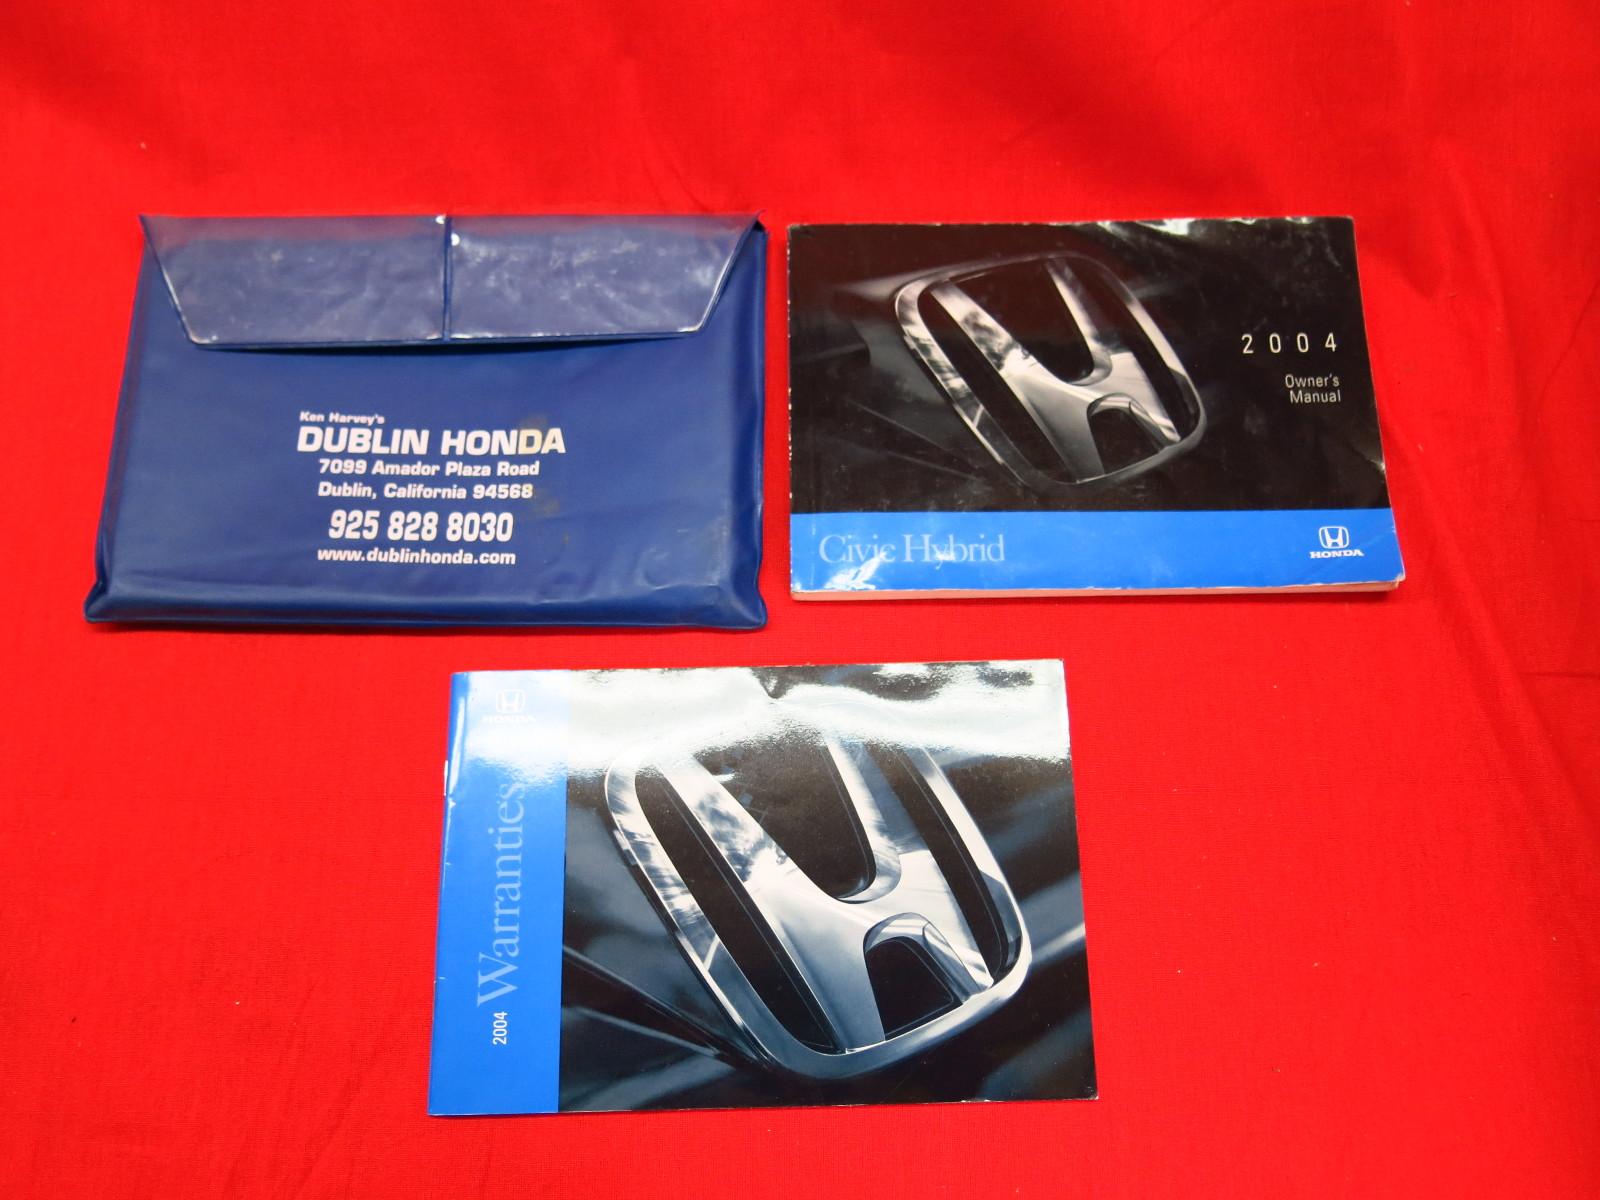 2004 Honda Civic Hatchback - Owner s Manual (215 pages)